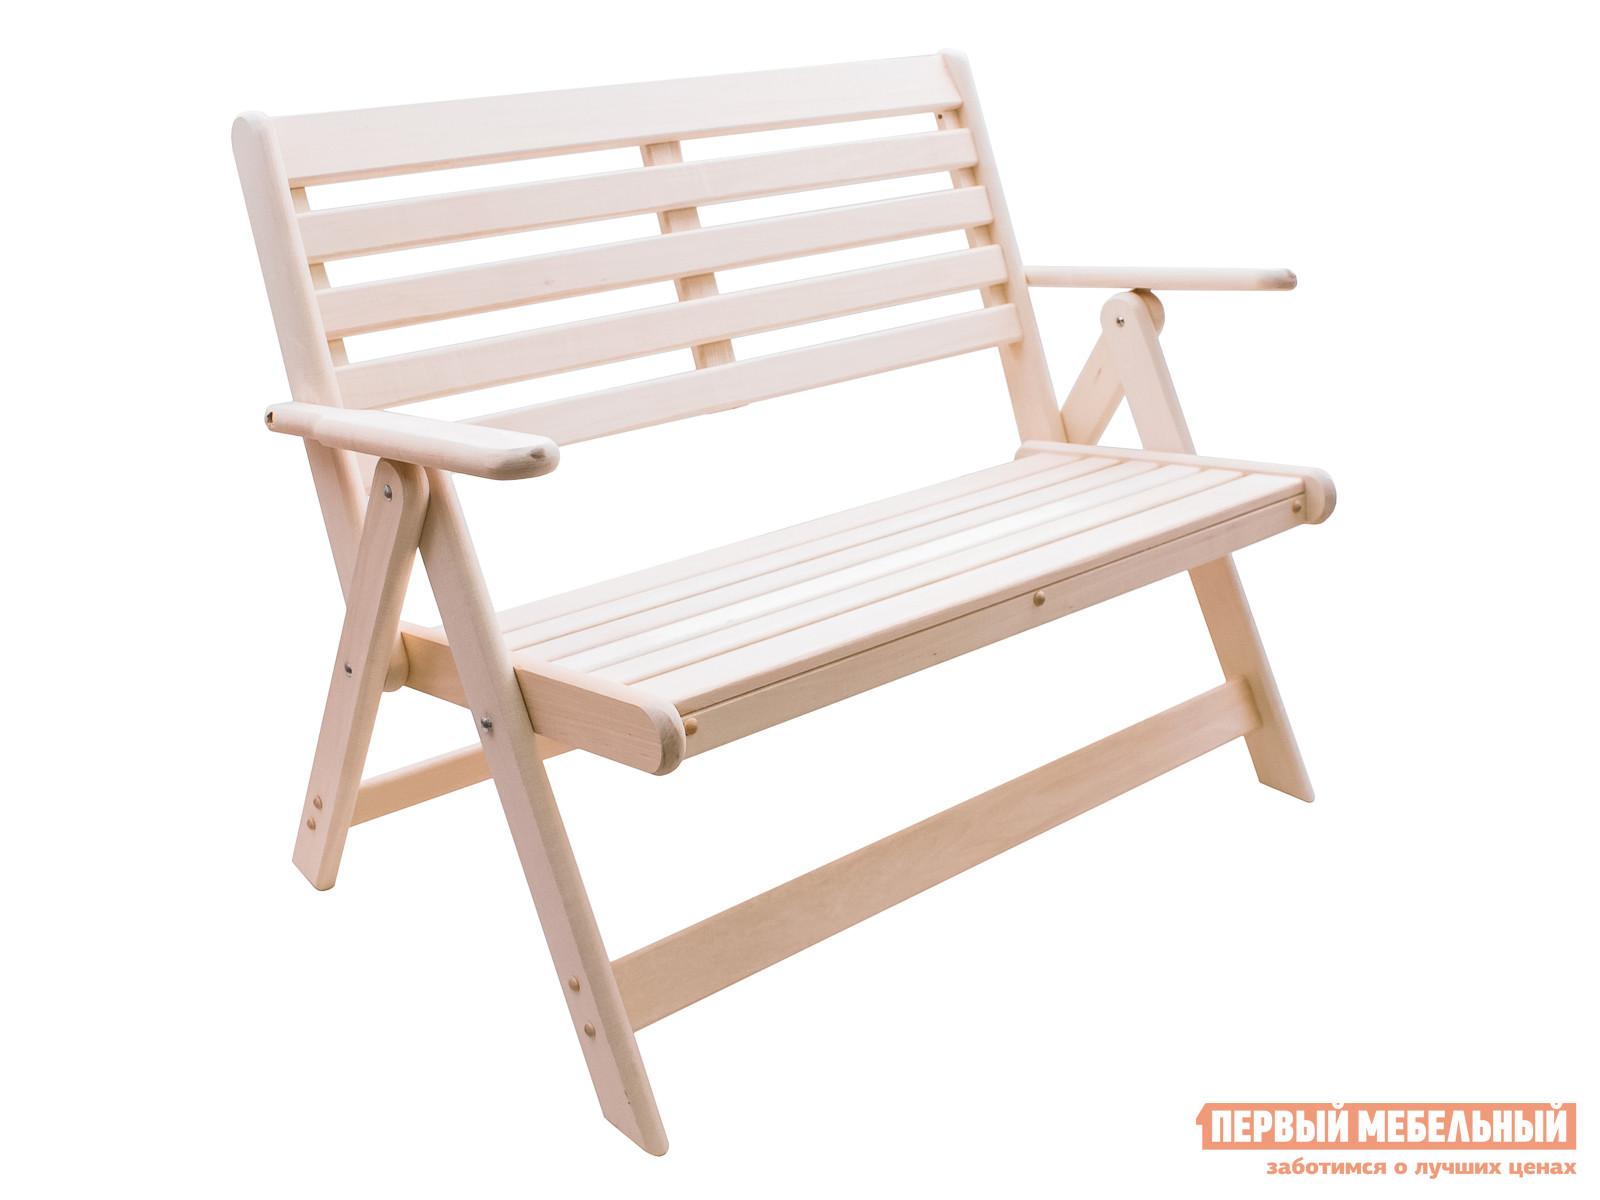 Скамейка ММ Аника ЛипаСкамейки и лавочки<br>Габаритные размеры ВхШхГ 870x1000x550 мм. Раскладная деревянная скамейка с подлокотниками — уютная деталь для сада, в беседку, на веранду дачного домика или для комнаты отдыха в вашей бане.  Модель имеет решетчатые спинку и сиденье, что обеспечит приятную циркуляцию воздуха по телу.  Скамья имеет компактные размеры и идеально подходит для небольшого помещения.  Все поверхности тщательным образом обработаны и гладкие на ощупь.  Благодаря массиву липы, из которого изготавливается скамейка, помещение наполнится древесным ароматом и уютом. В сложенном виде скамейка имеет размеры 1050 х 210 мм, весит всего 12 кг, ее без труда можно вынести на улицу или переместить в дом. Обращаем ваше внимание, что при изготовлении скамьи используется только натуральное дерево без добавлений и обработки химическими средствами, благодаря чему древесина не будет выделять вредные испарения.  Если вы решите разместить скамью на улице, в саду или в открытой беседке, то рекомендуется предварительно покрыть изделие влагостойким составом, которое защитит дерево от воздействия атмосферной влажности и продлит срок ее службы.<br><br>Цвет: Светлое дерево<br>Высота мм: 870<br>Ширина мм: 1000<br>Глубина мм: 550<br>Кол-во упаковок: 1<br>Форма поставки: В разобранном виде<br>Срок гарантии: 3 месяца<br>Тип: Складные<br>Тип: Со спинкой<br>Назначение: Для дачи<br>Назначение: Для бани<br>Назначение: Для дома<br>Назначение: Для сада<br>Материал: Дерево<br>Порода дерева: Липа<br>Размер: Маленькие<br>Размер: Широкие<br>С подлокотниками: Да<br>Стиль: Прованс